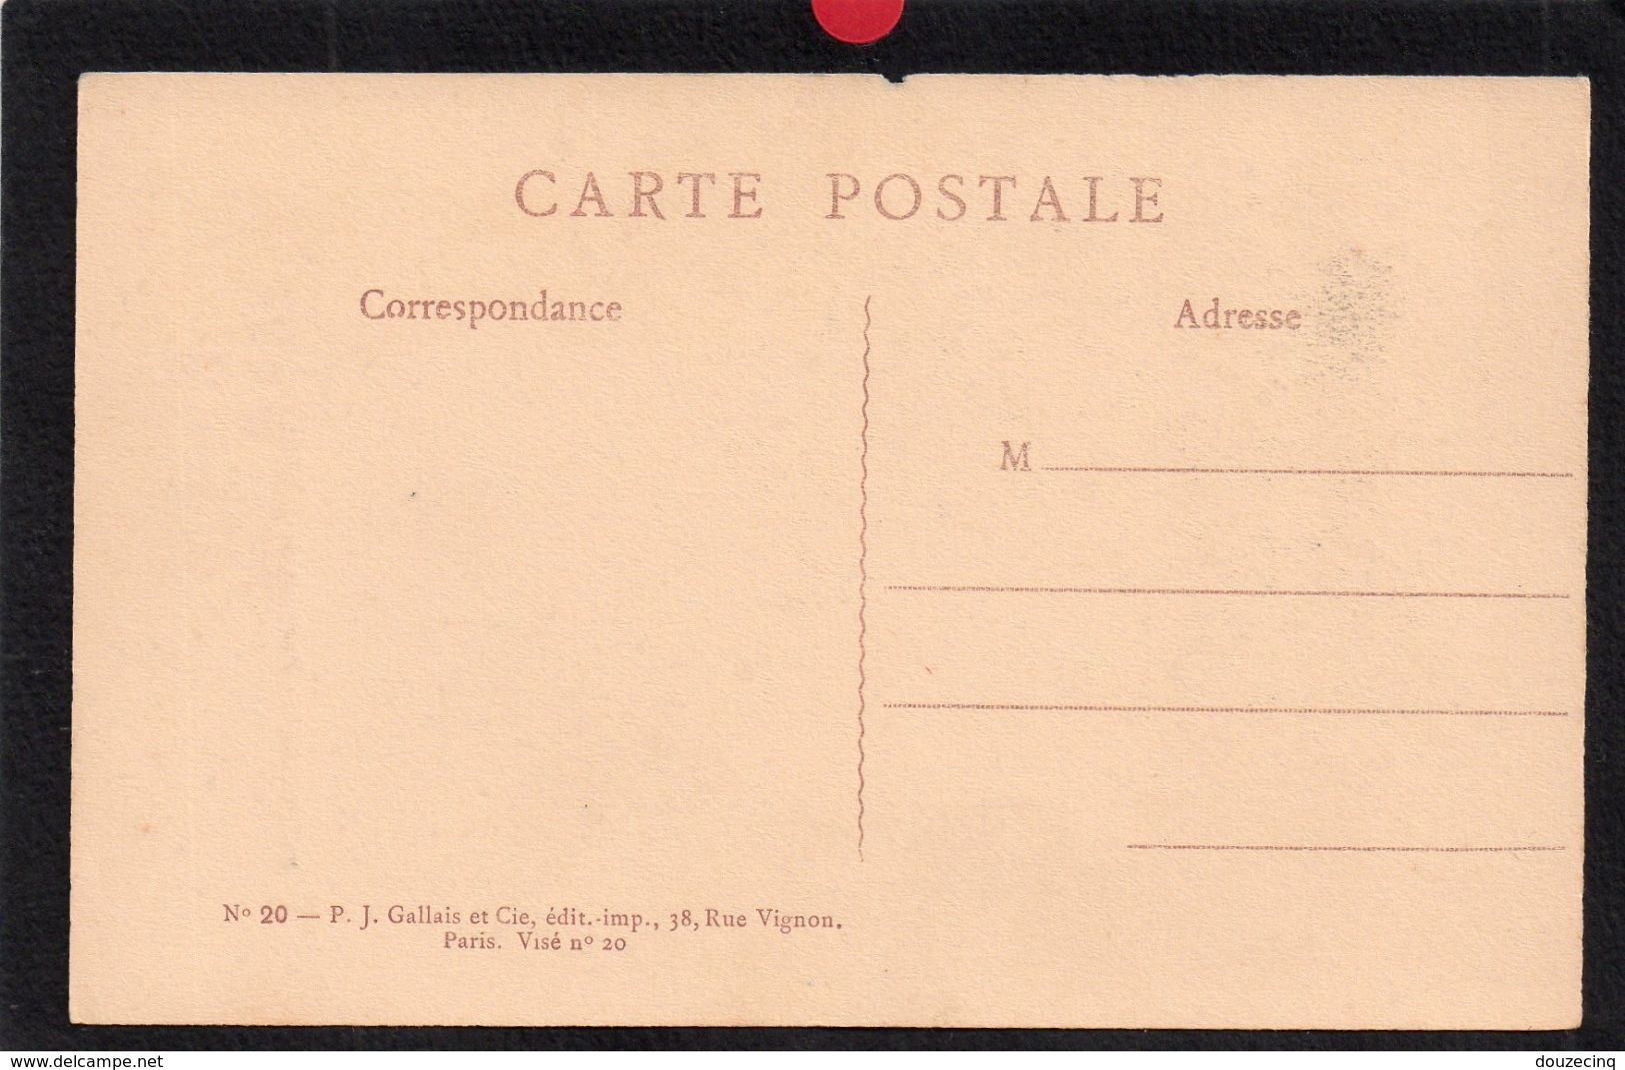 ALSACE.ILLUSTRATEUR HANSI.AUTOGRAPHE SIGNATURE PORTRAIT PAR LEON HORNECKER.A L'AMI HANSI.PARIS 1916.2 SCANS. - Hansi